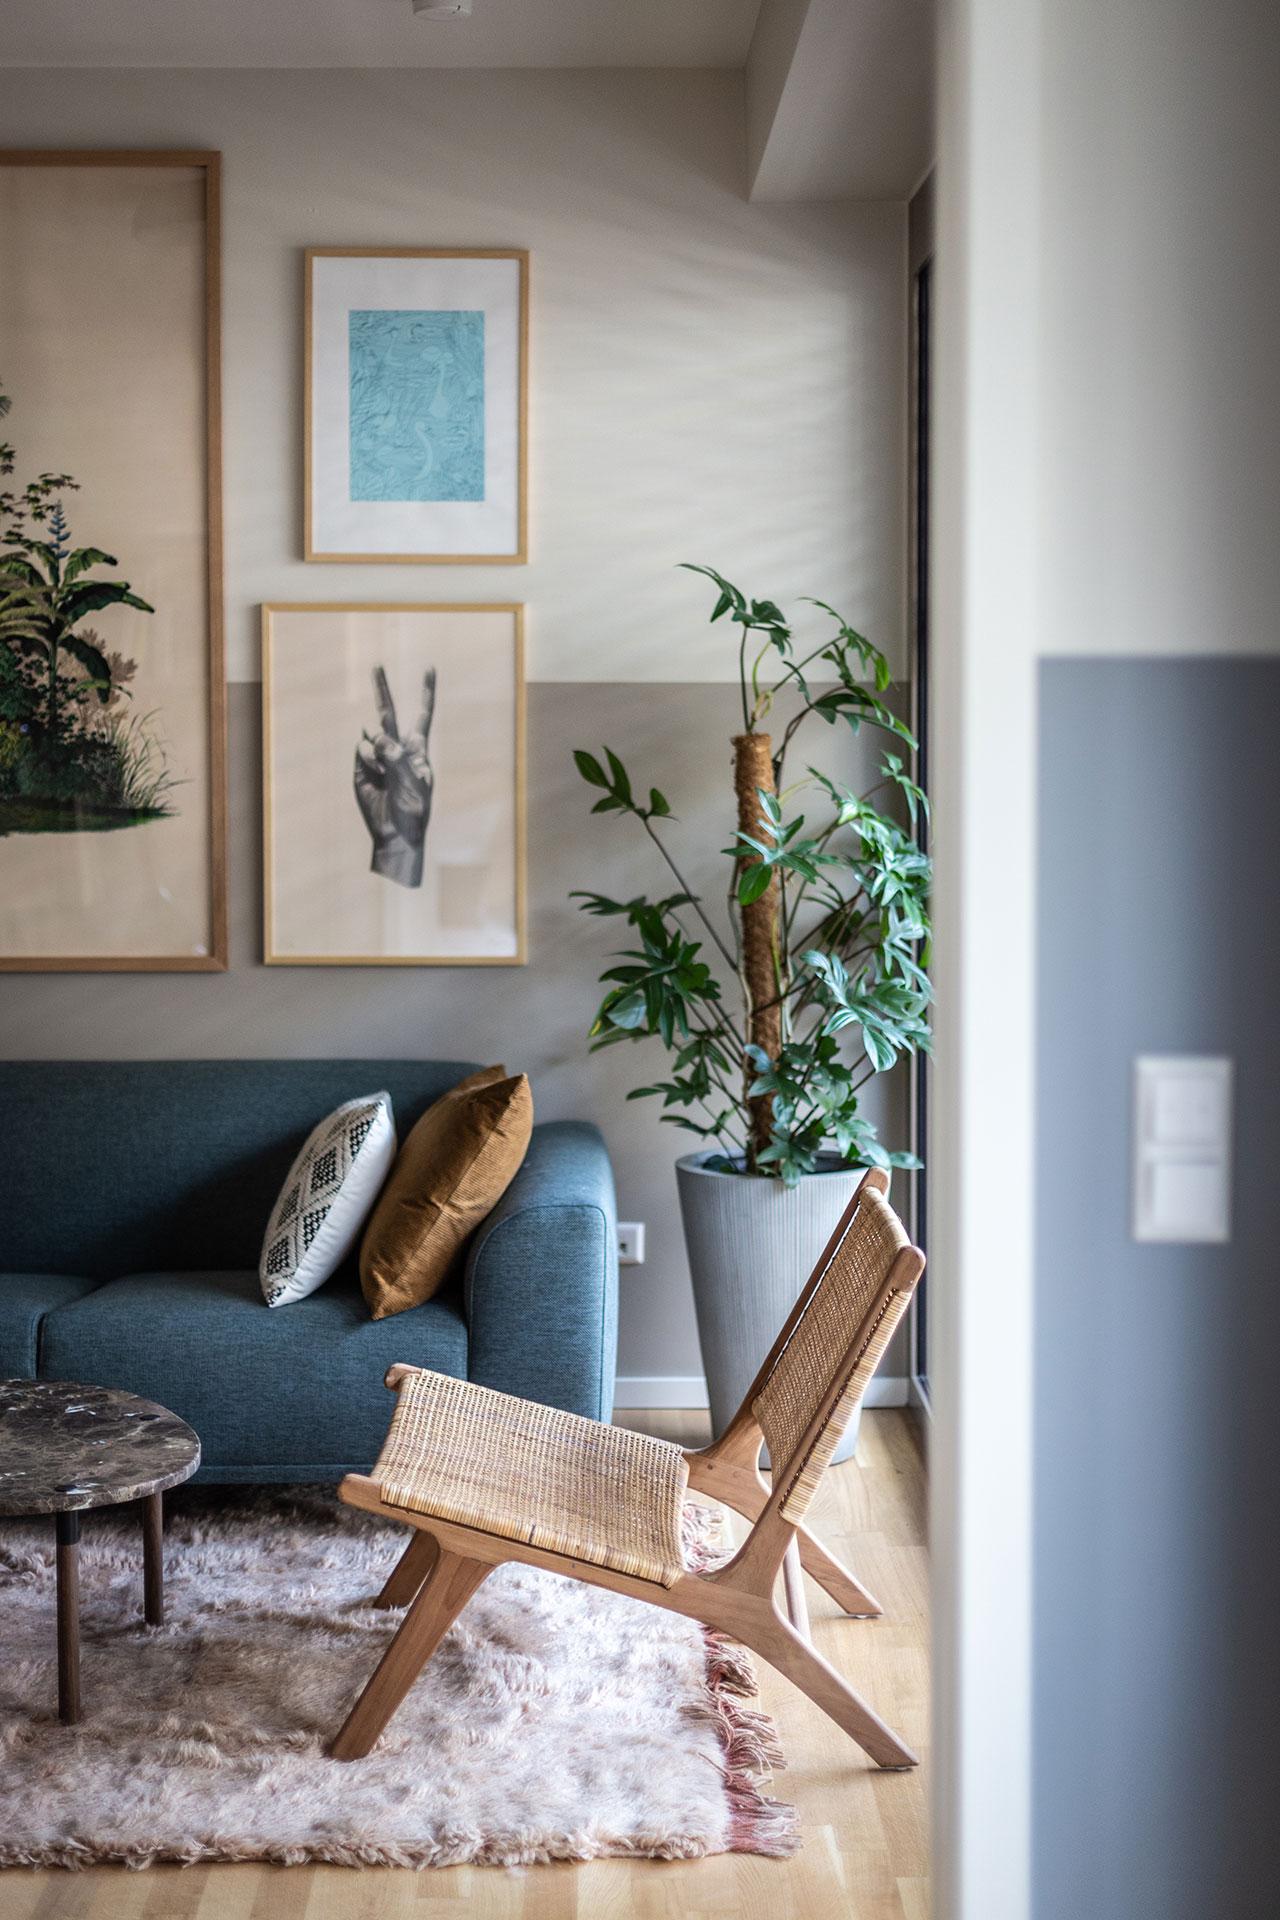 Stuhl, Couch und Pflanze